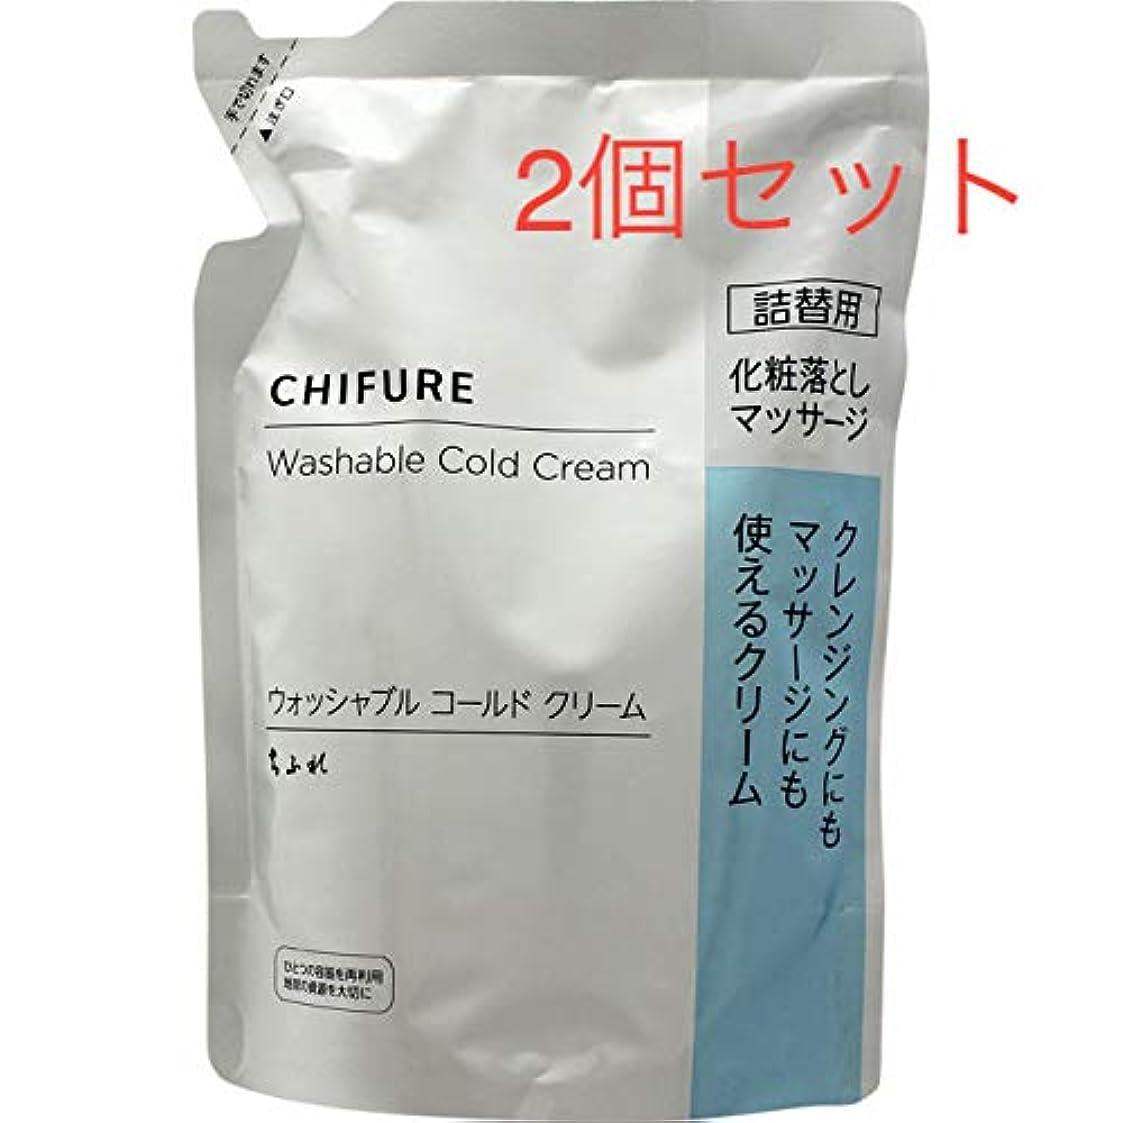 栄光シェトランド諸島粗いちふれ化粧品 ウォッシャブルコールドクリームN詰替 300g 2個セット